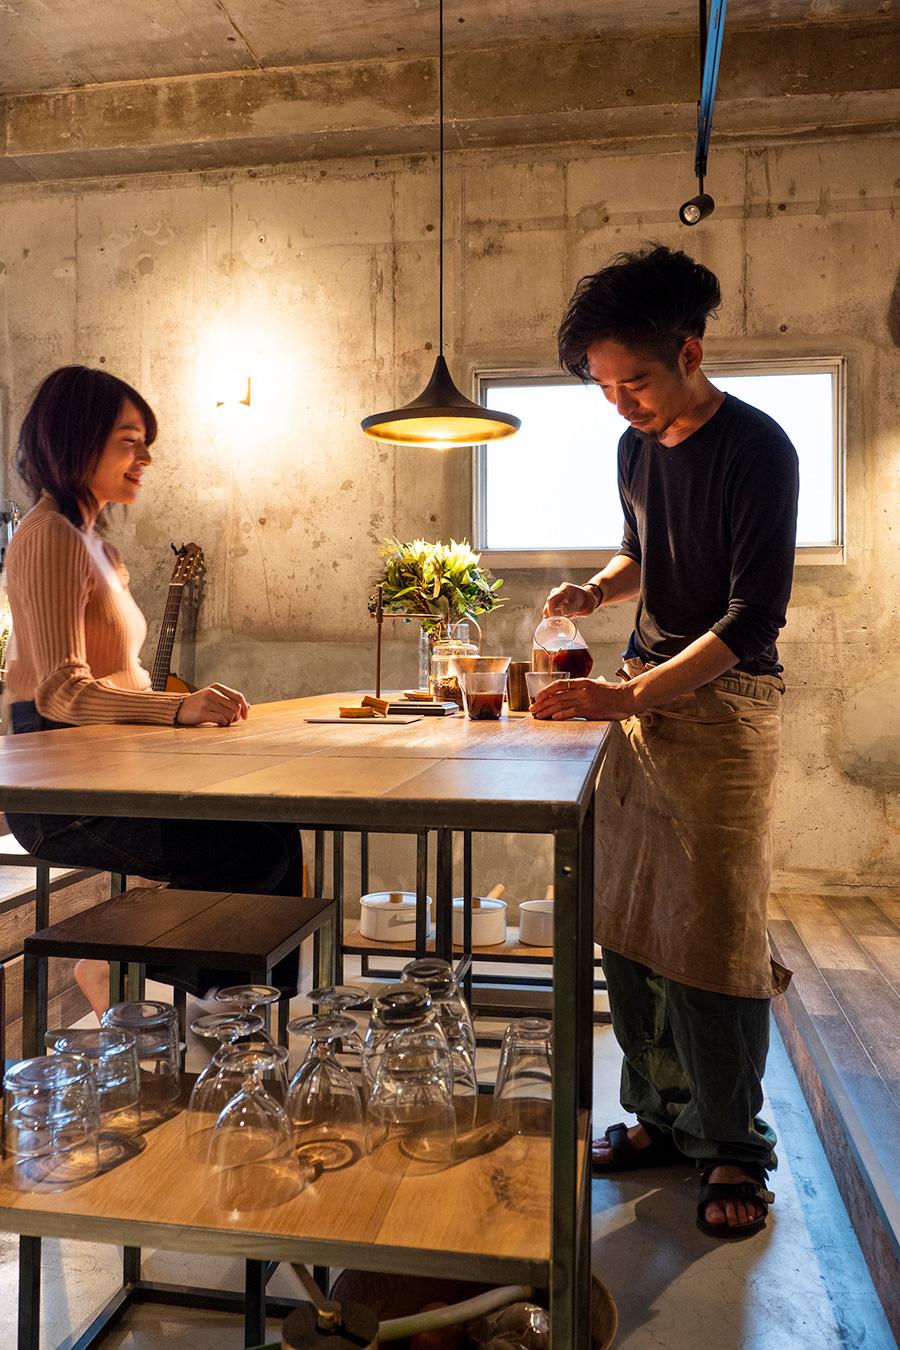 最近一緒に暮らし始めたパートナーの葵さん。レストランで食べたものからインスピレーションを受けて、料理を創作。友人を呼んでパーティーを開くことも多いそう。照明はトム・ディクソン。